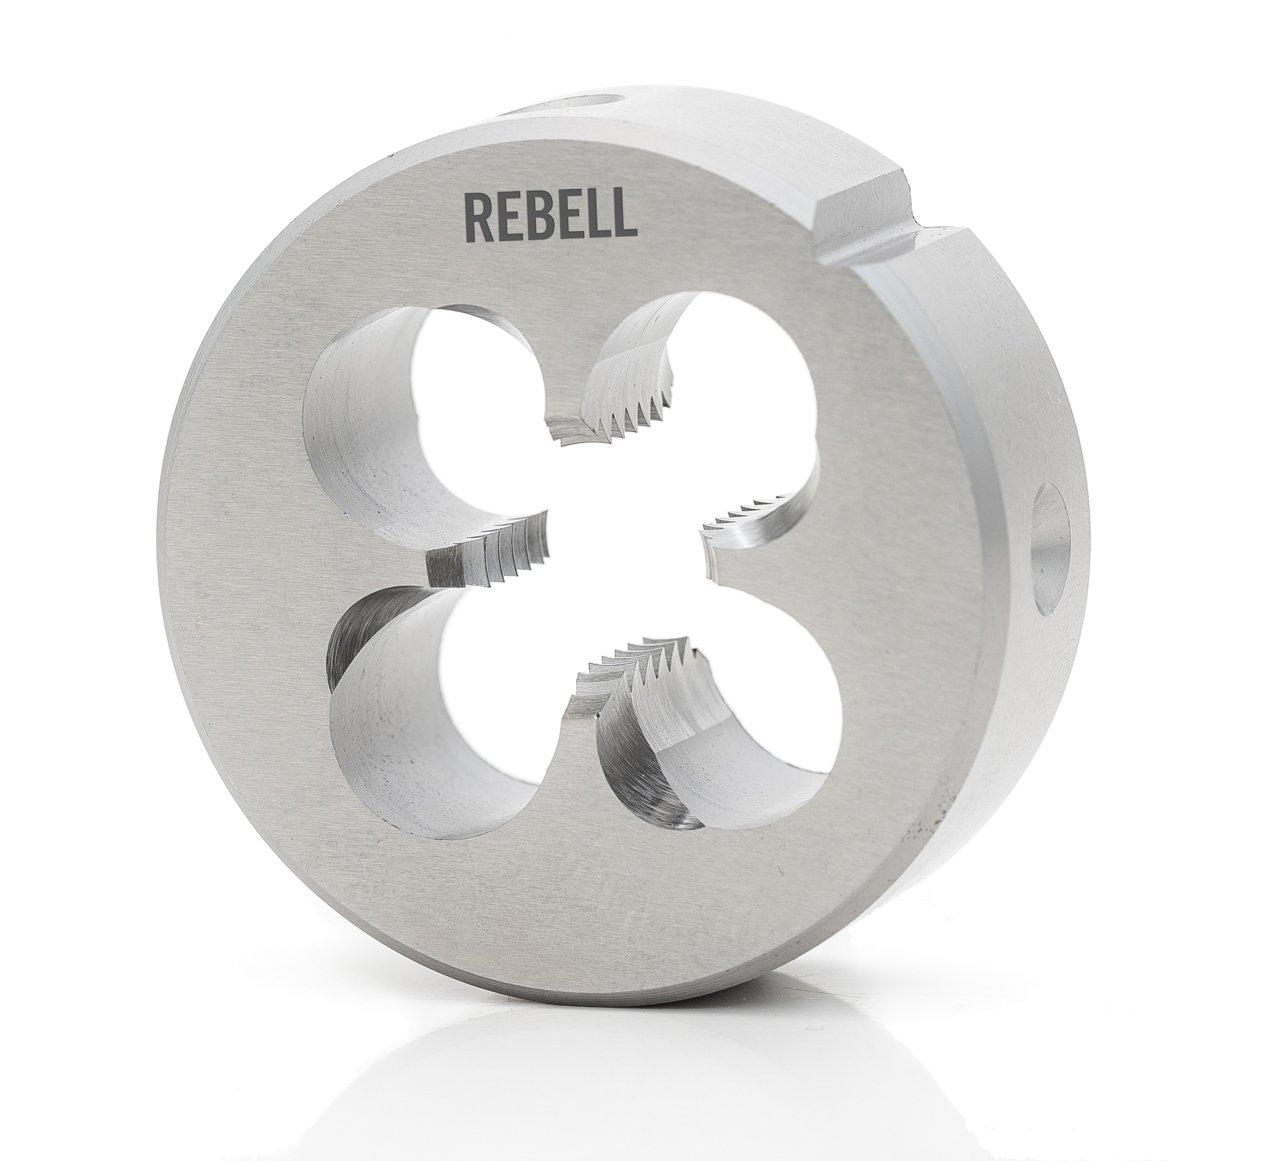 REBELL Schneideisen M RH 6h HSS geläppt - EN 22568 - Typ N